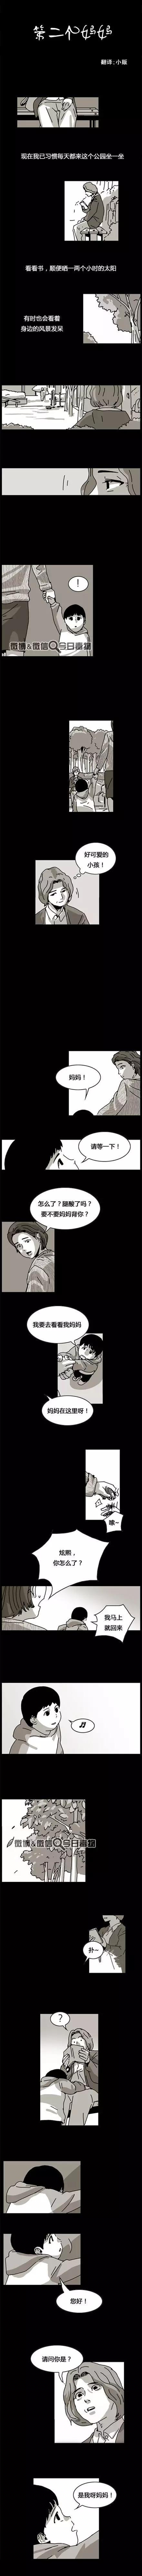 韩国灵异漫画《第二个妈妈》,让你潸然泪下的动人小故事